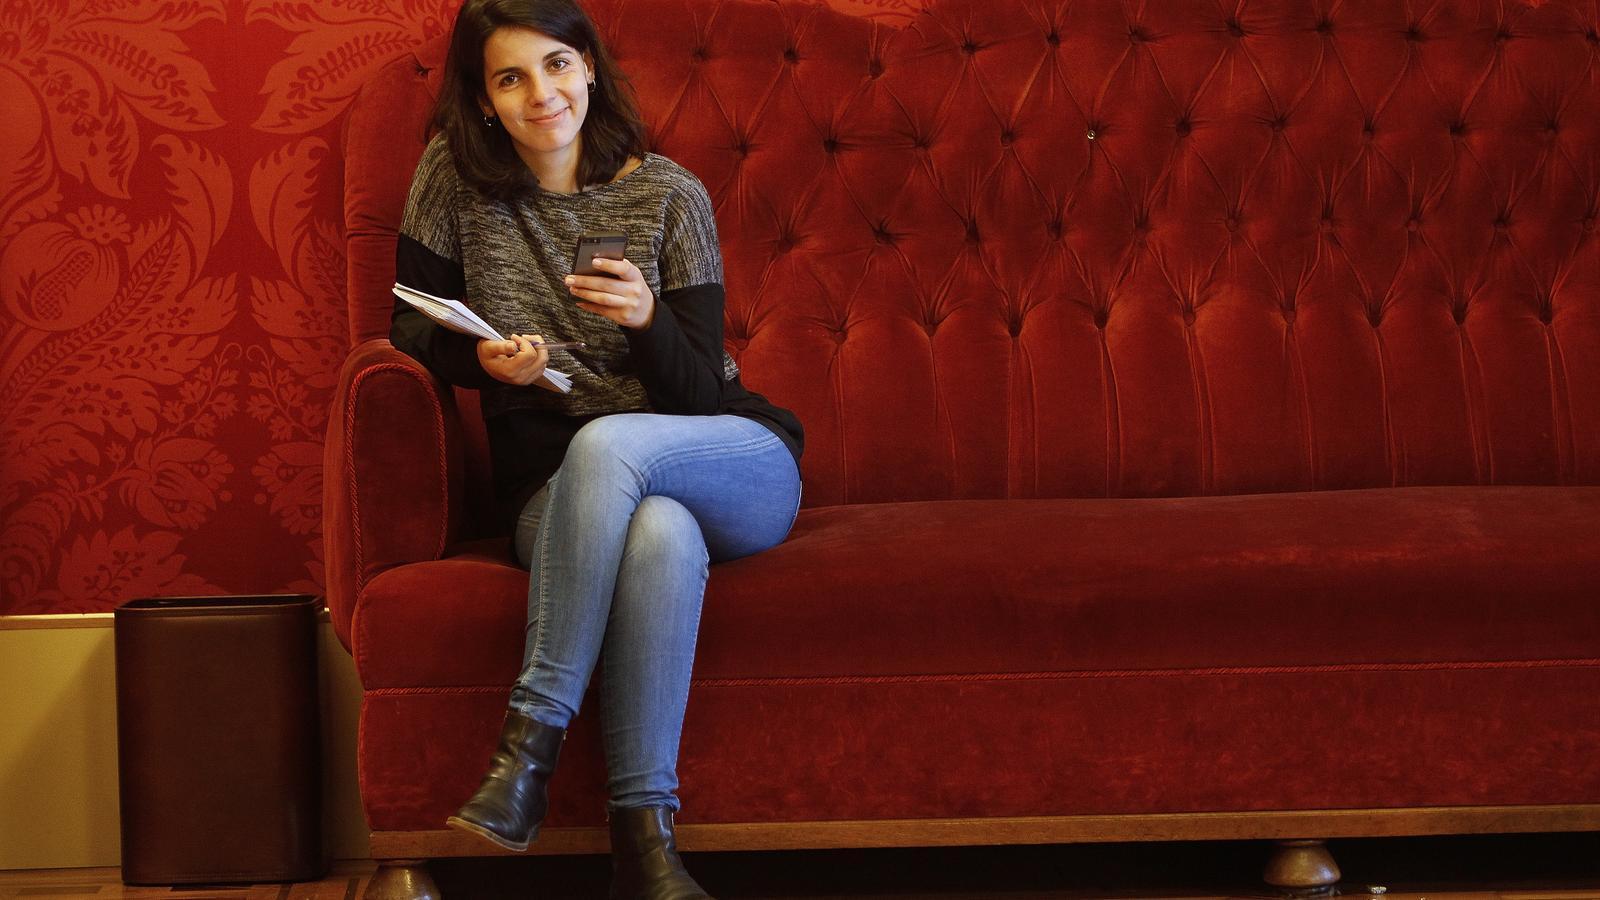 Carmen Buades guanya el premi de 'Periodismo joven sobre violencia de género'